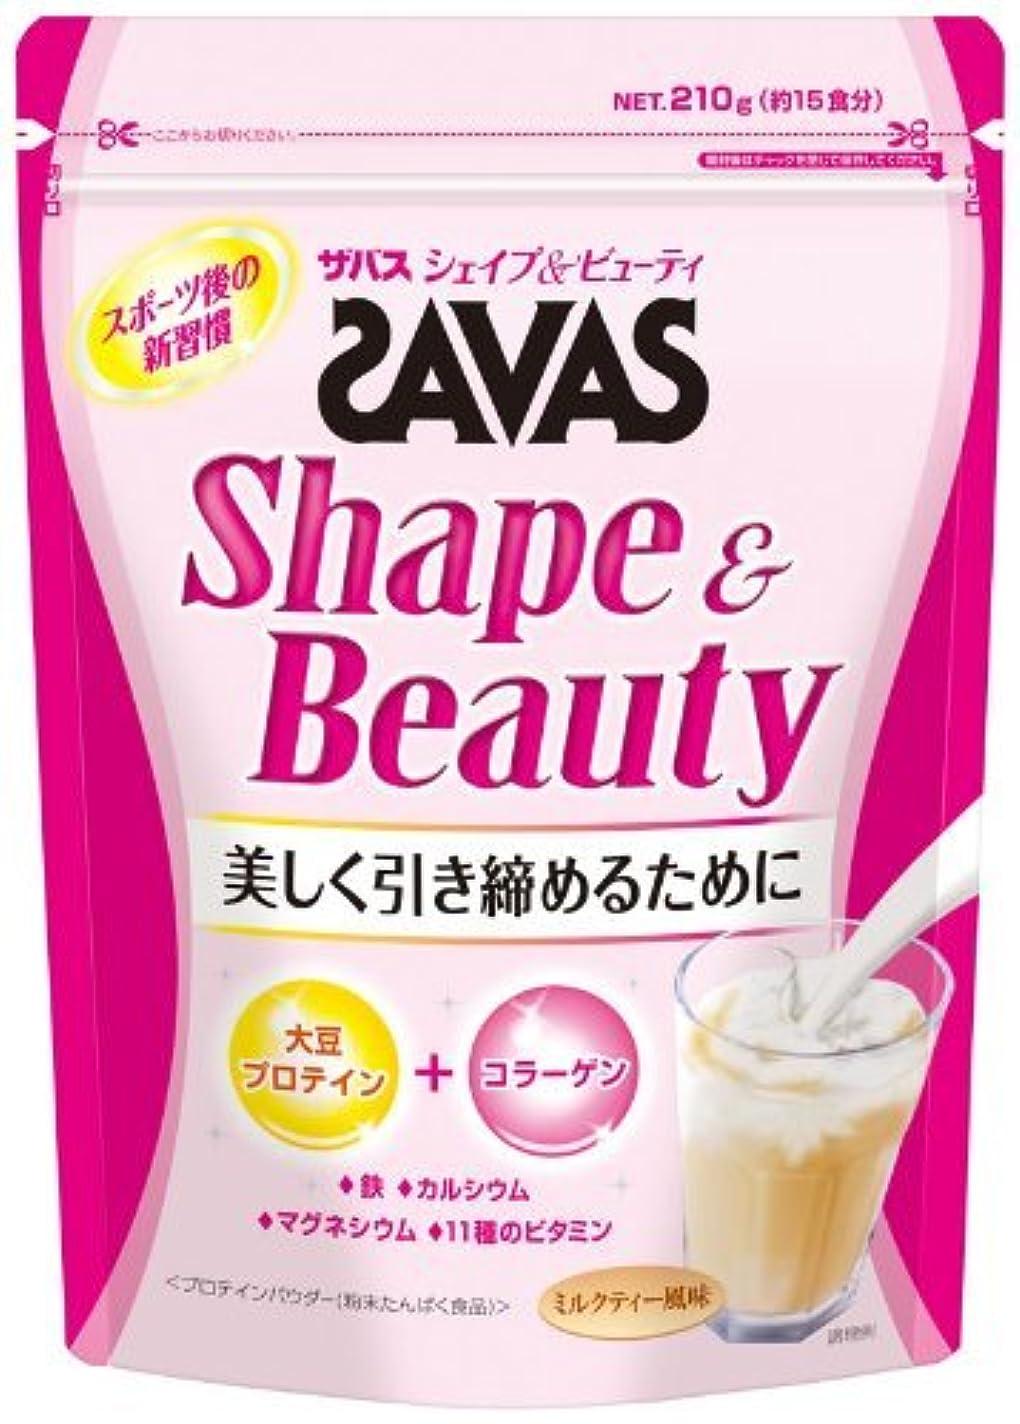 アトム者昇進明治 ザバス シェイプ&ビューティ ミルクティー風味【15食分】 210g